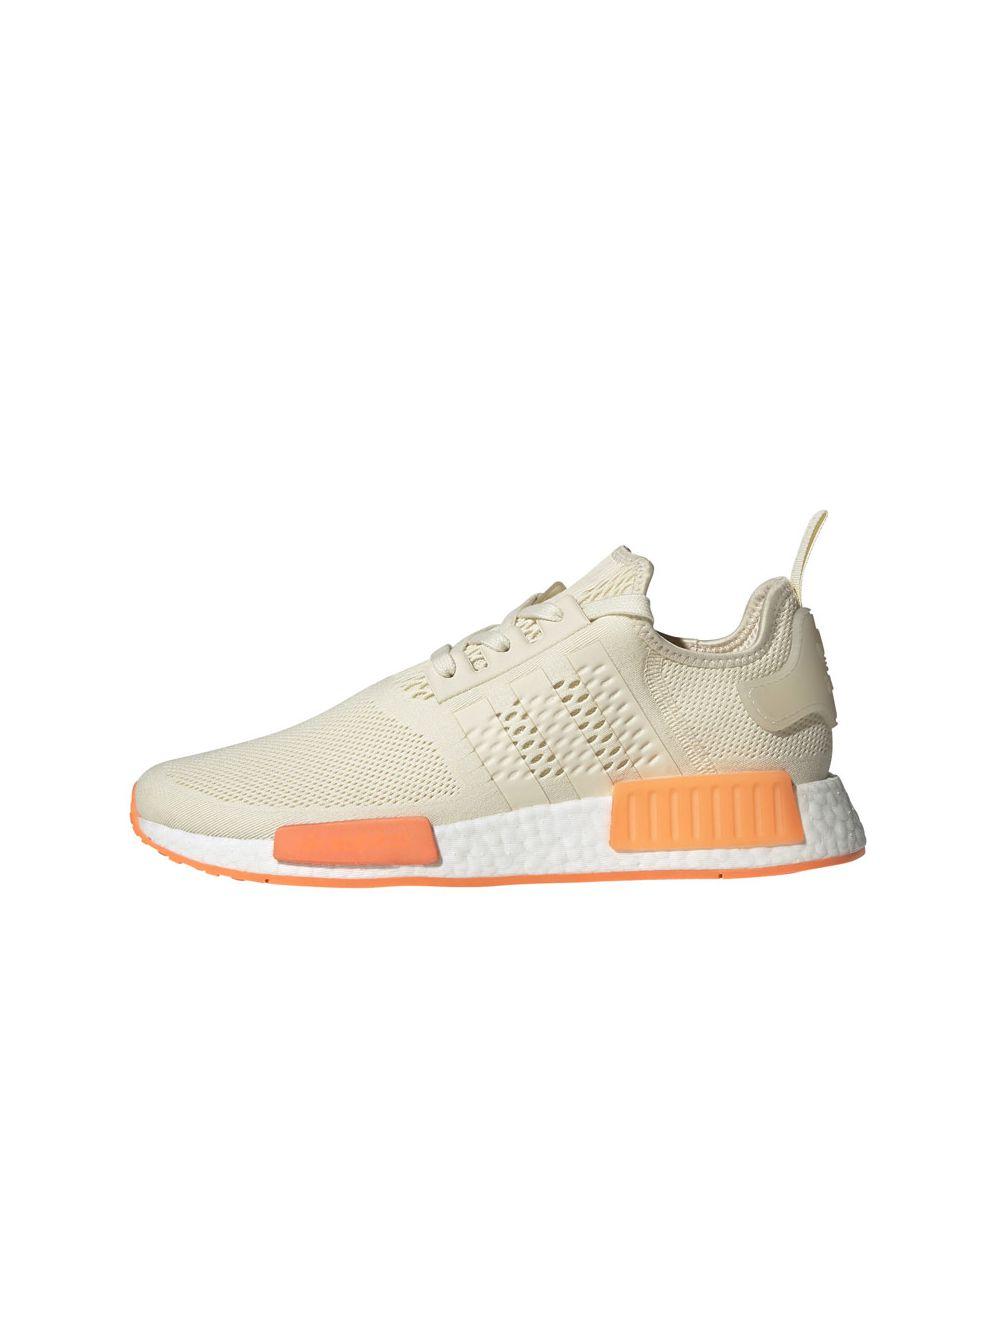 adidas Originals NMD_R1 Men Cream White Screaming Orange